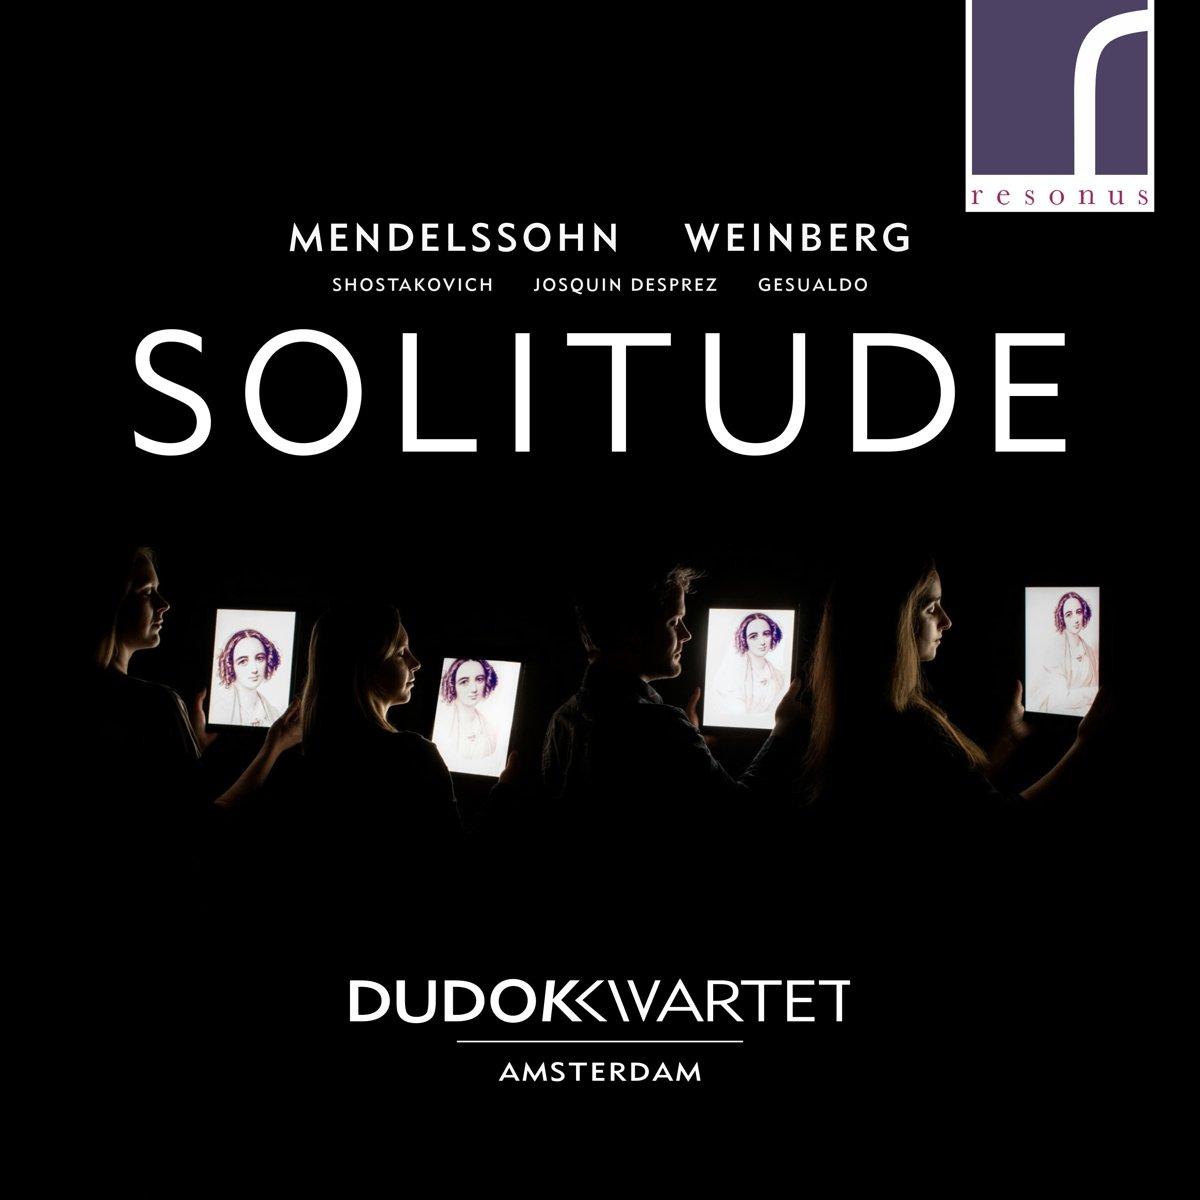 CD : Dudok Quartet Amsterdam - Solitude (CD)